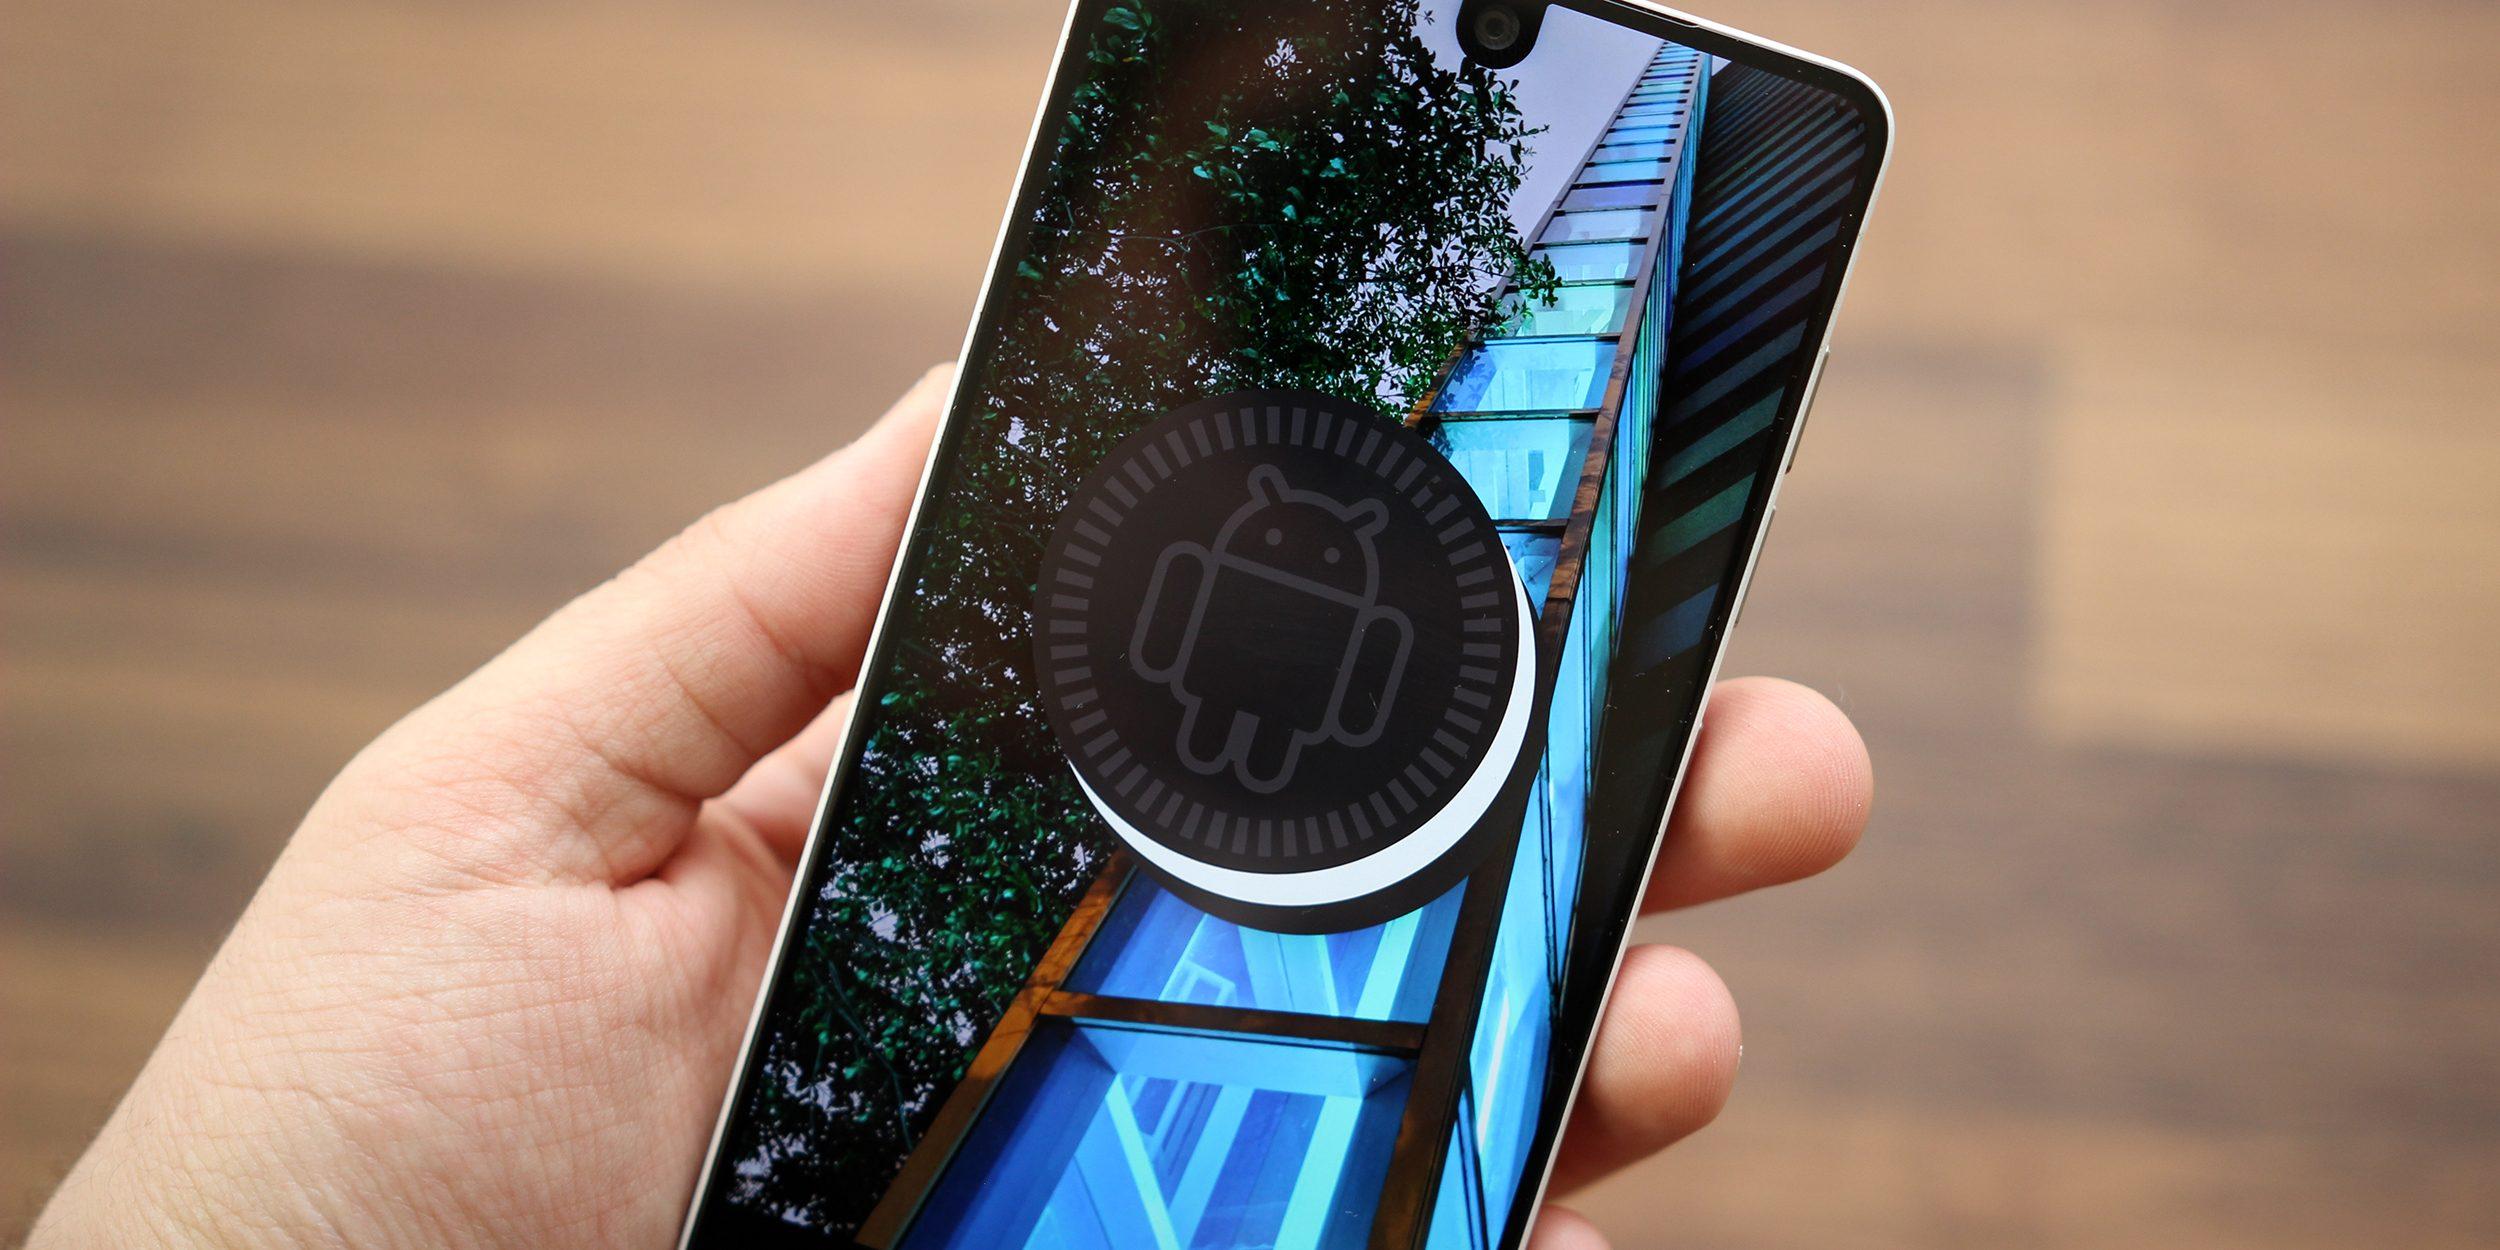 Android Oreoren erabilera tasa igo da!